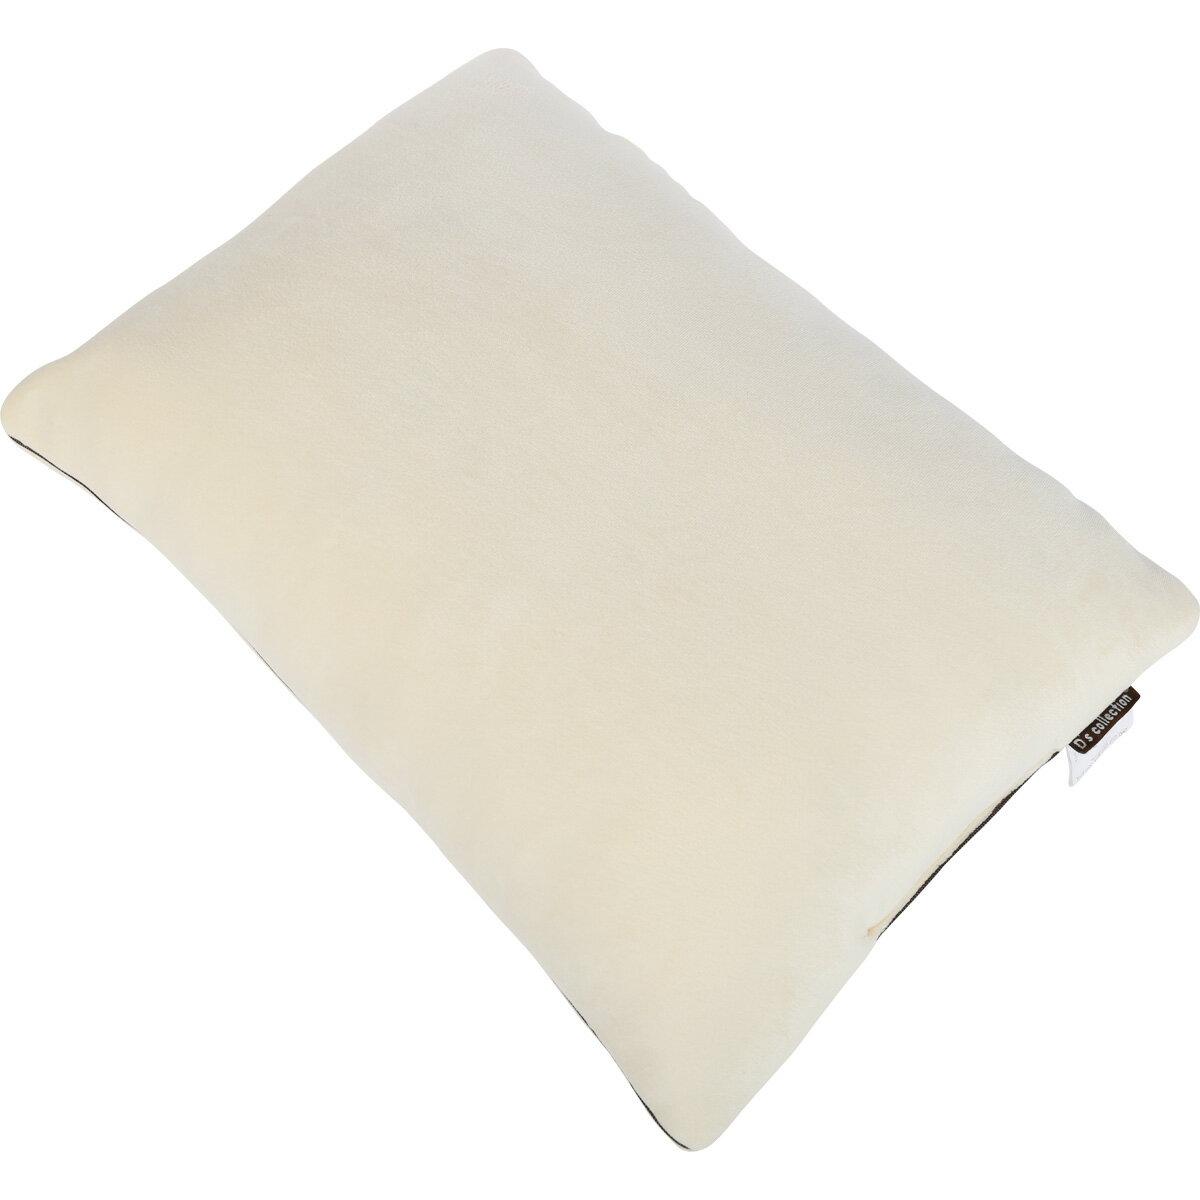 低反発チップ枕 35x50cm / おすすめ 安眠 快眠 おしゃれ